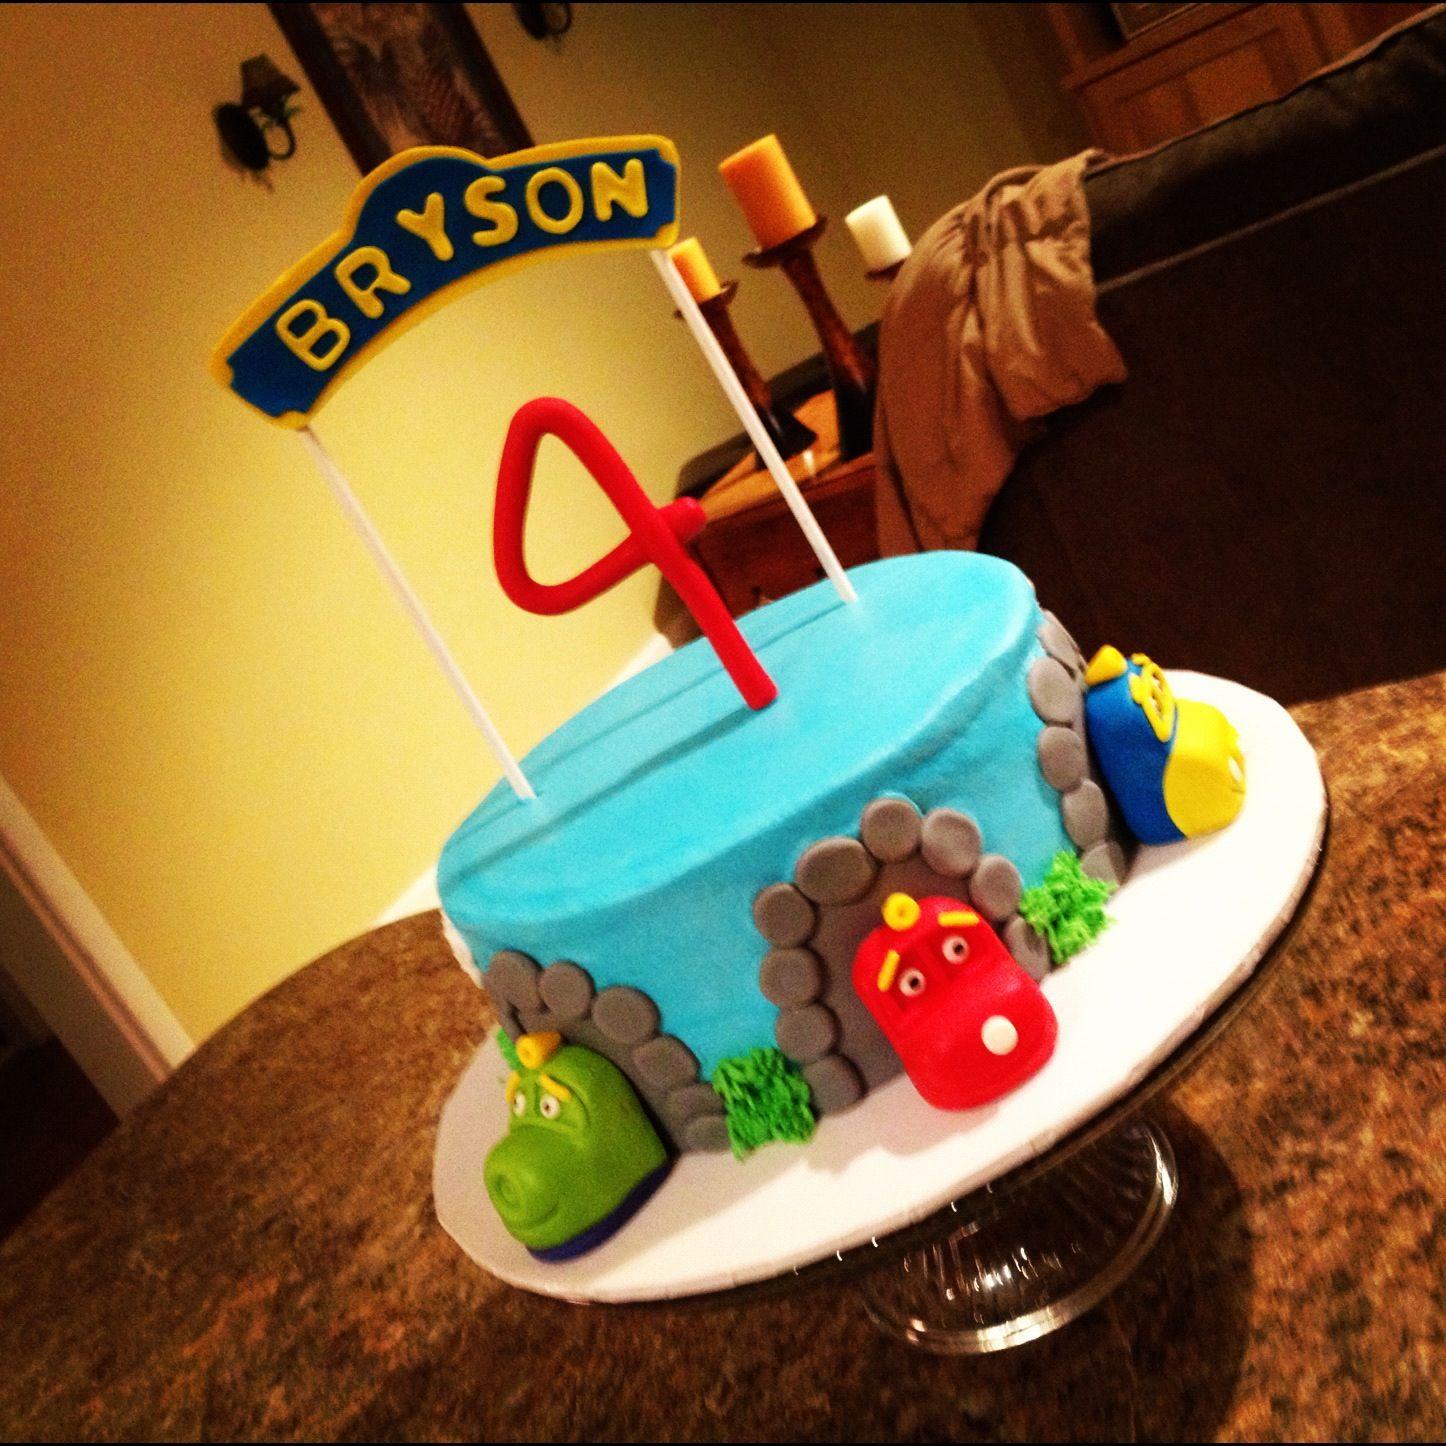 Chuggington Birthday cake Brysons 4th bday BrysonMy lil man